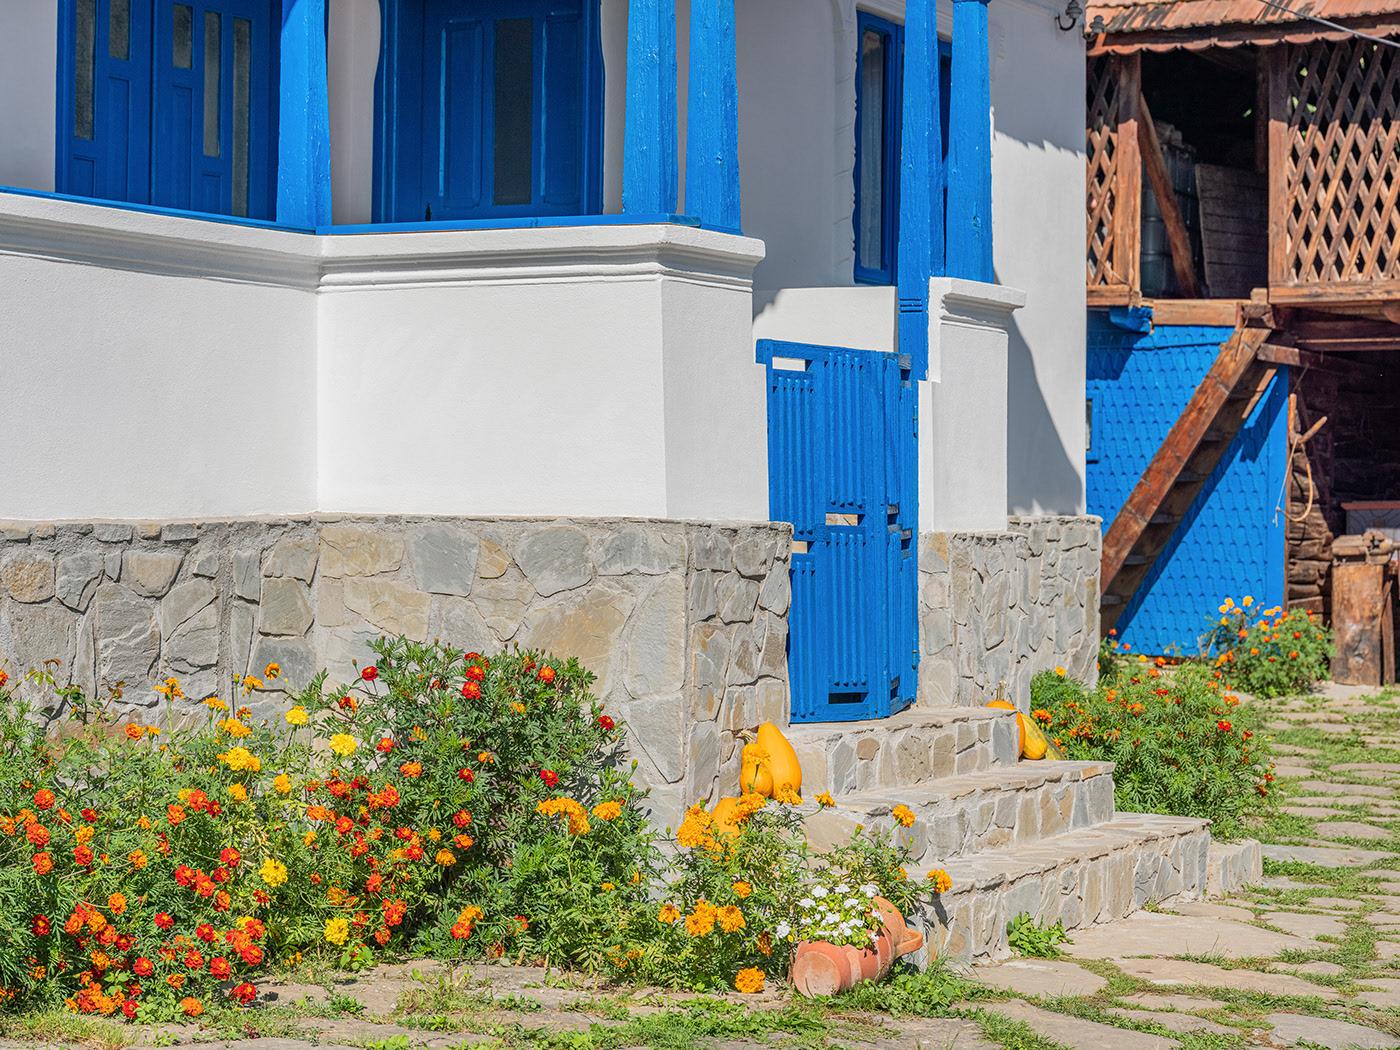 Uși ferestre mobilier și pridvor albastre într o casă tradițională românească din Schiulești 2